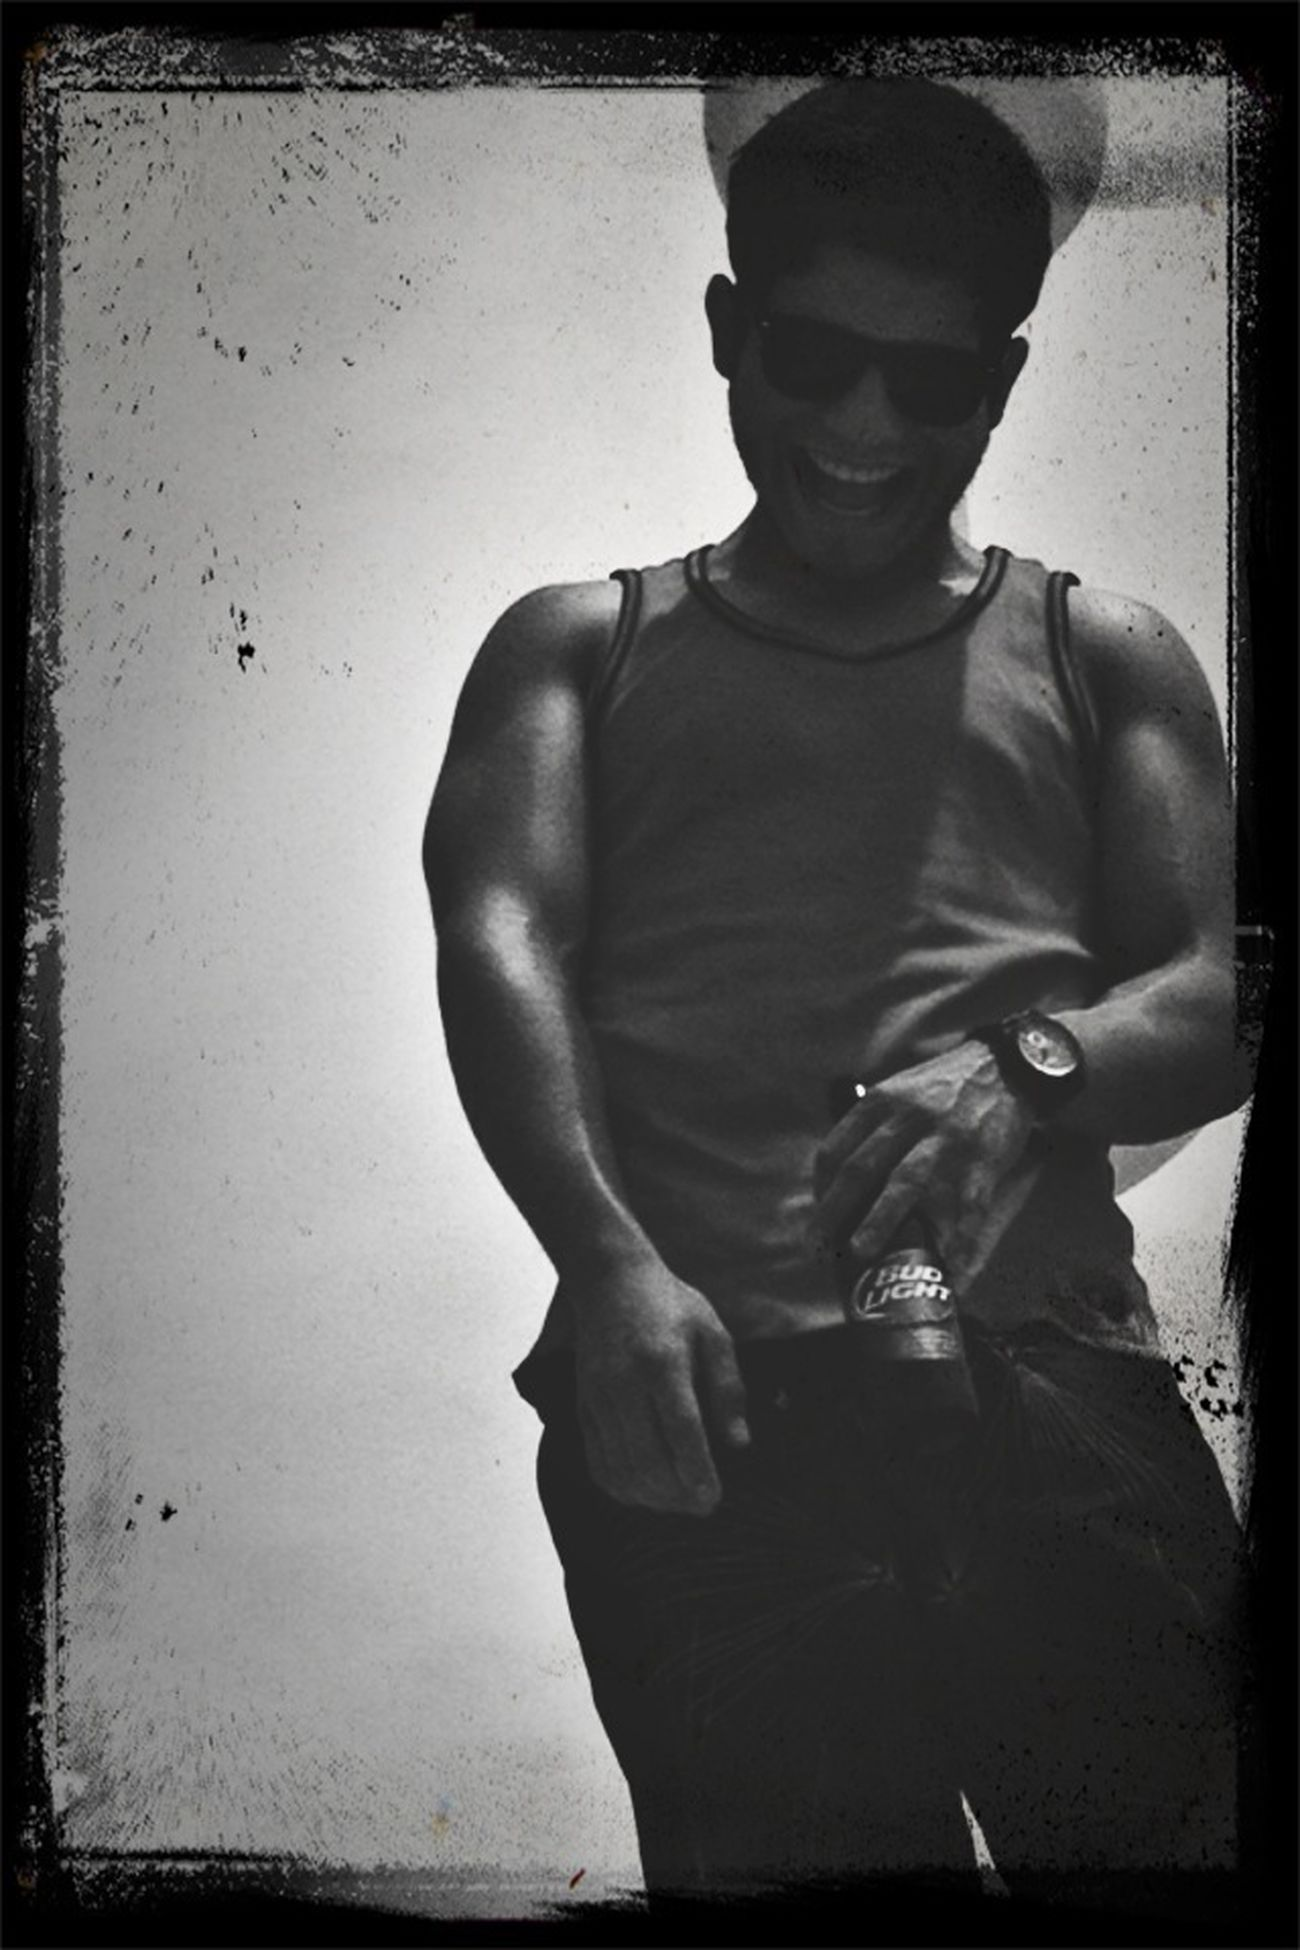 Im Black :p